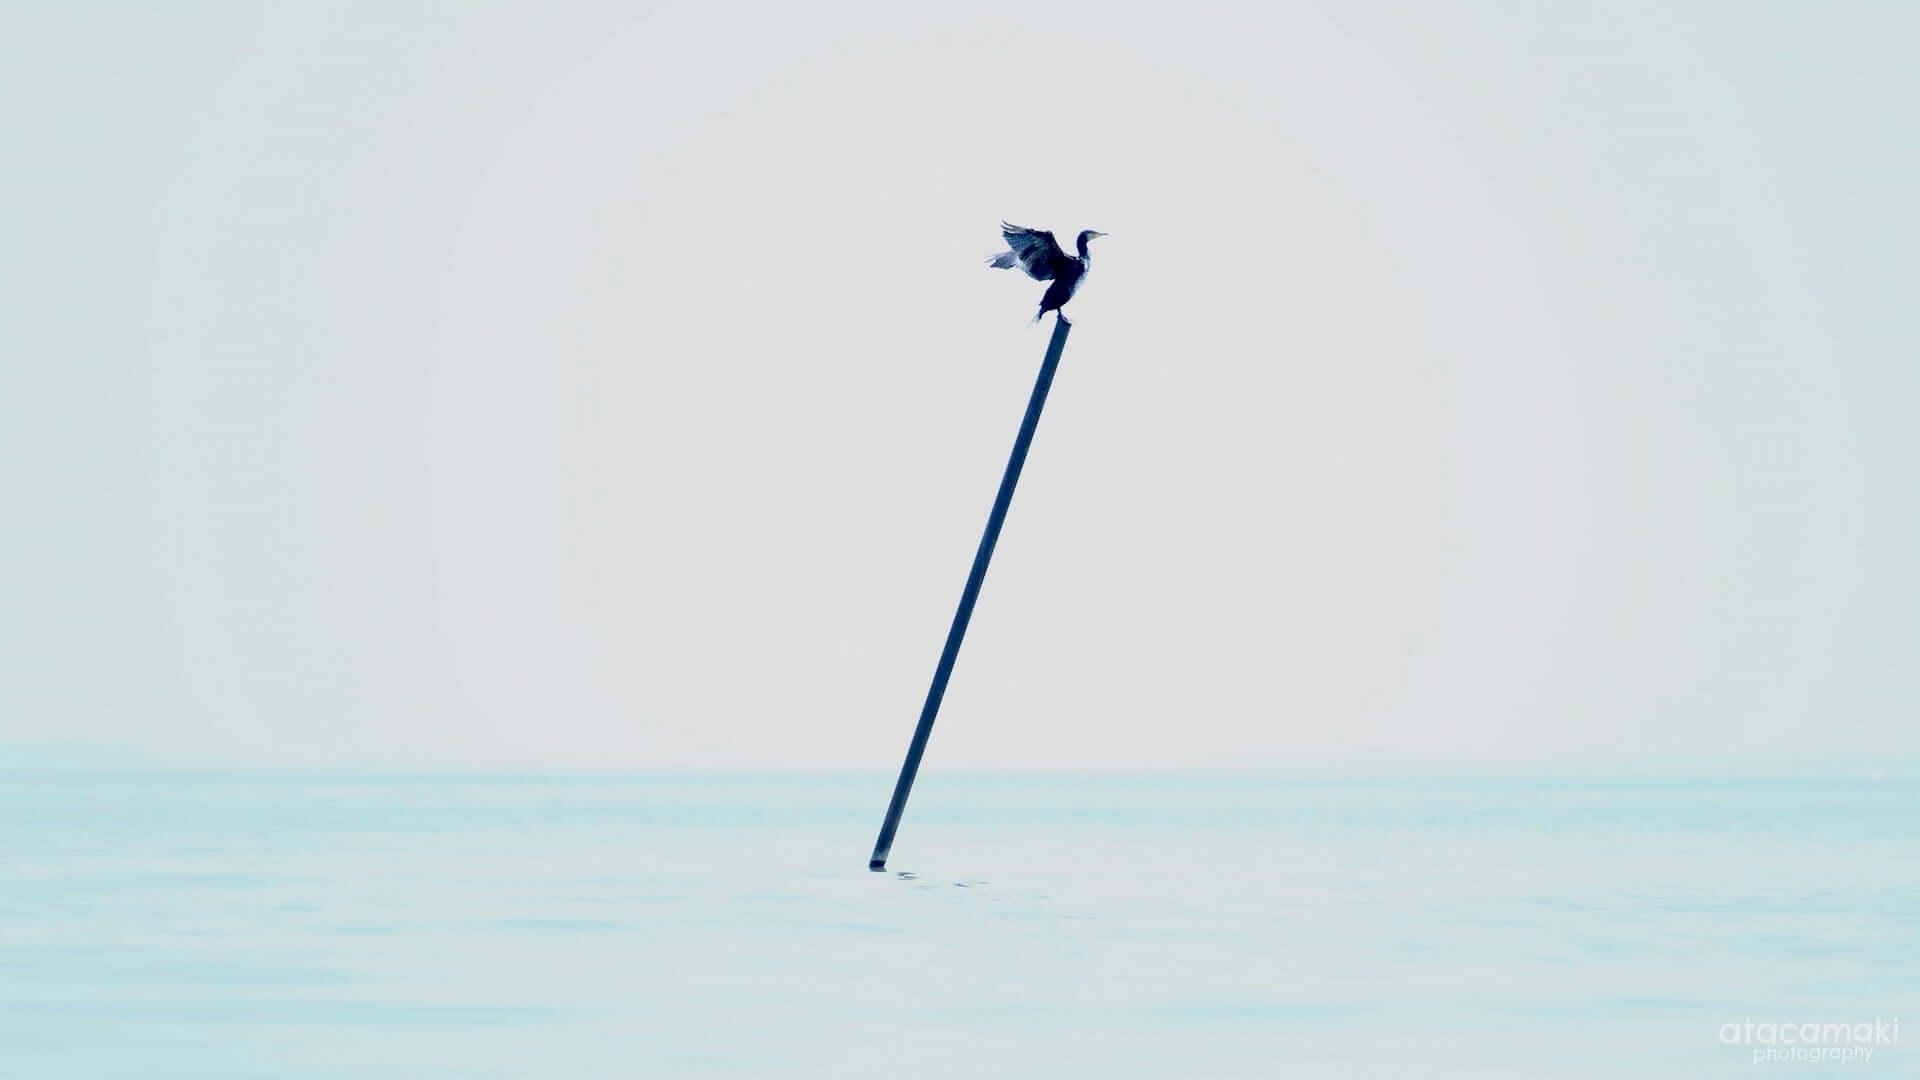 秋の筑波山・霞ヶ浦エリアでアウトドア体験を!一般向けトライアルツアー<Mount Tsukuba PLAY>が茨城県で開催決定 art201013_mount-tsukuba_8-1920x1080